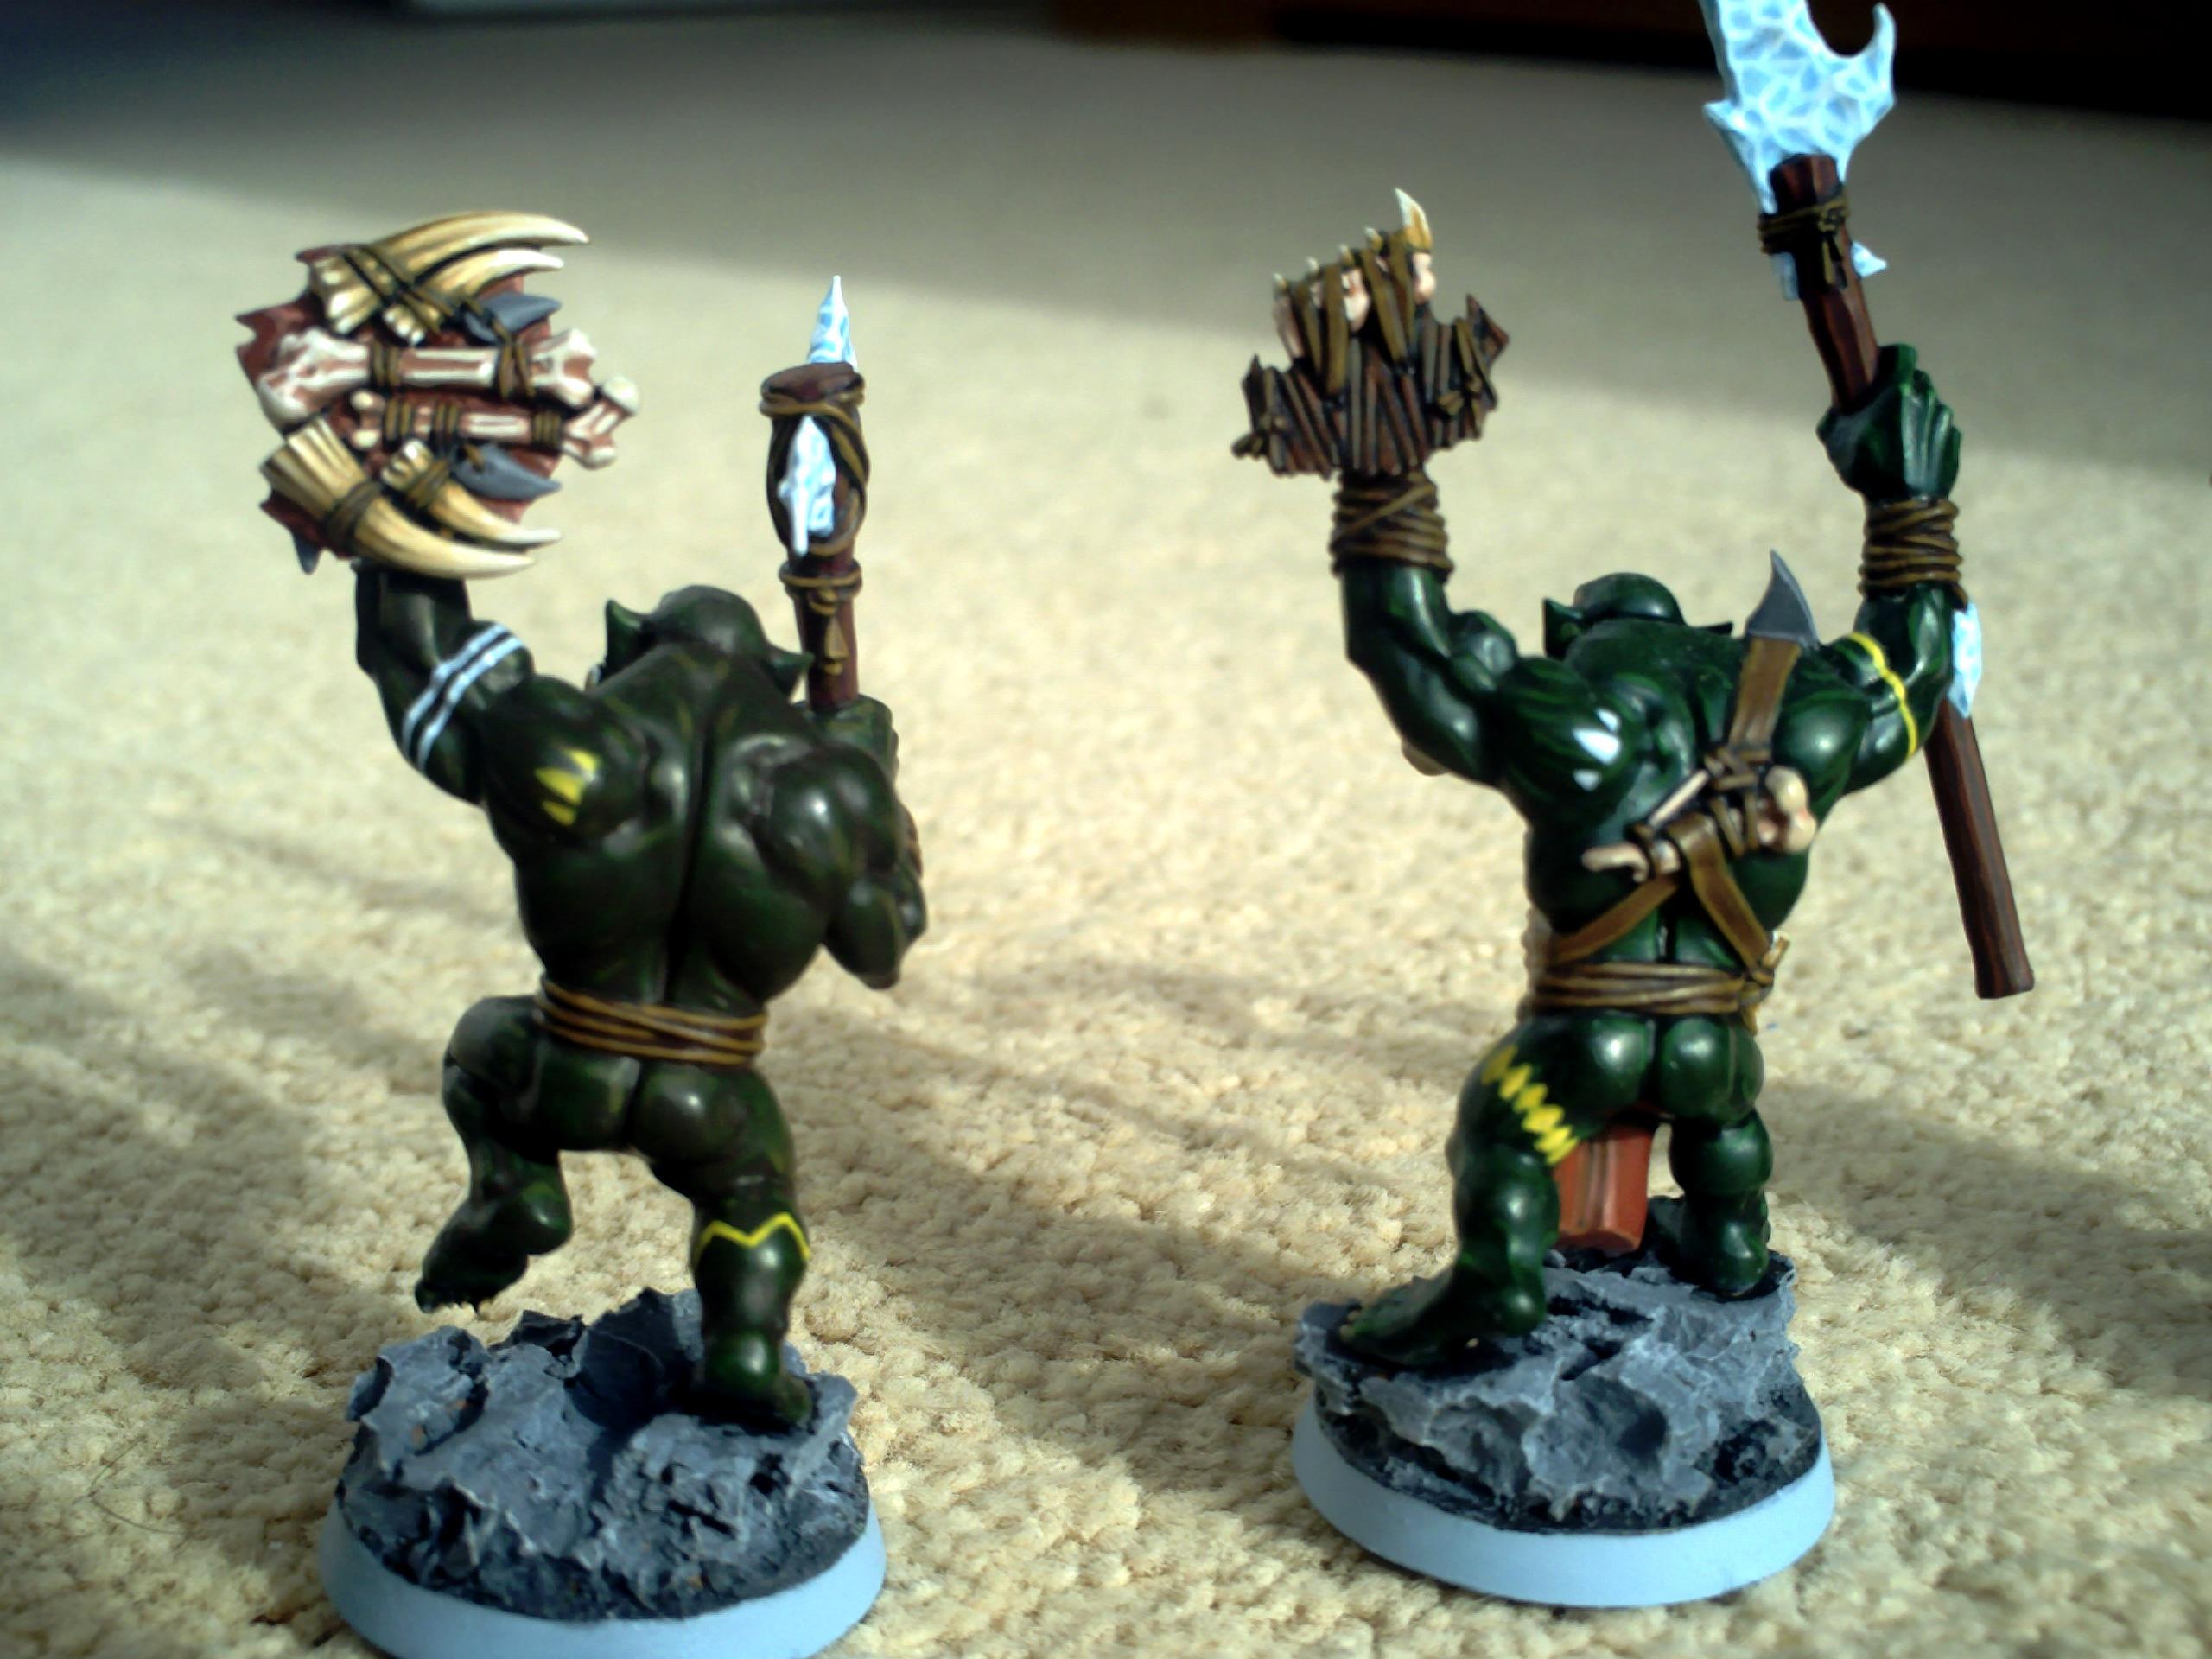 Feral, Orcs, Savage, Boyz 3 + 4 (back)